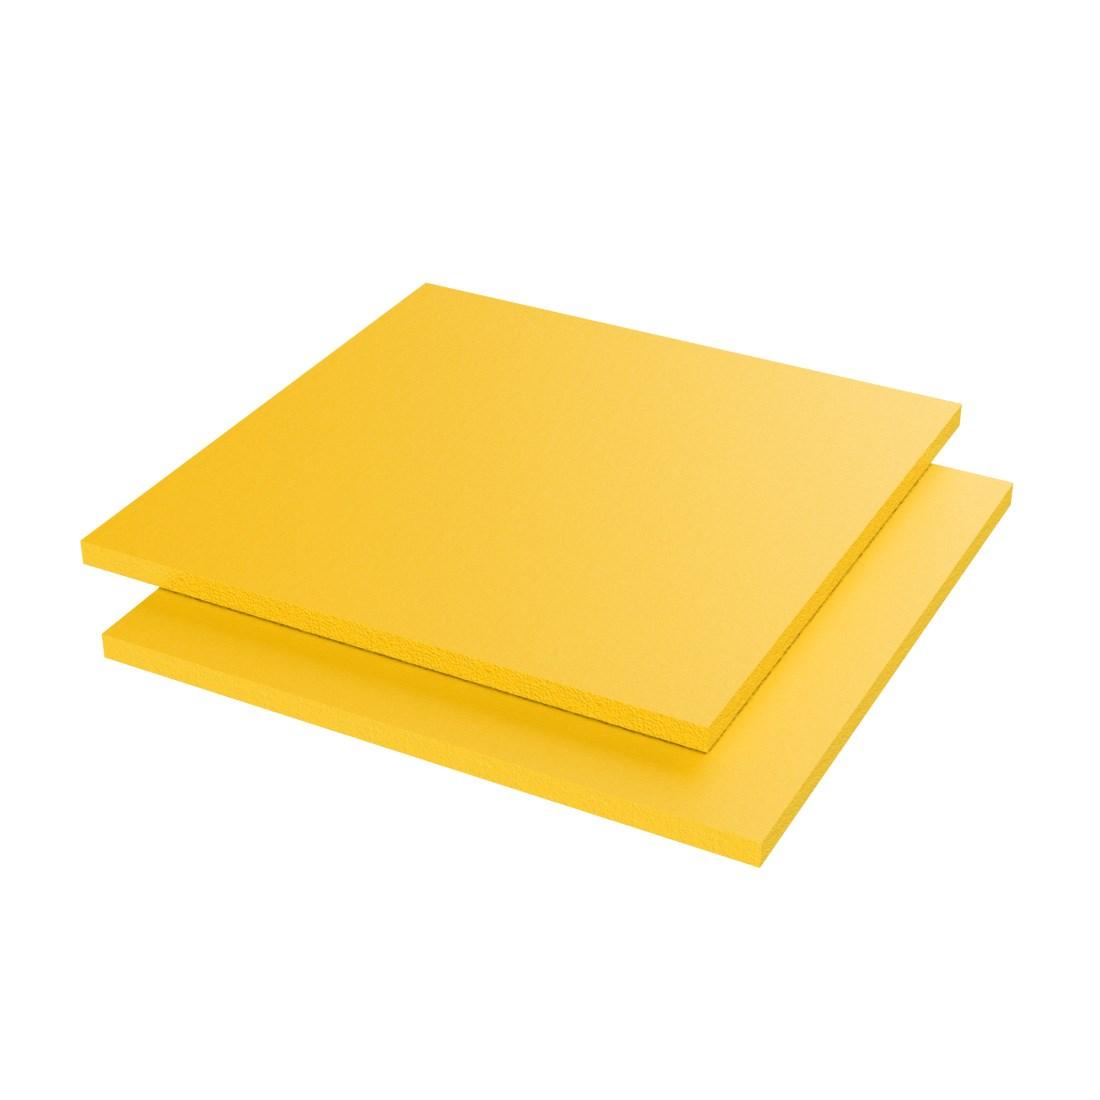 Vikupor PVC Plaat Geschuimd Geel HP57 Enkelzijdig folie 3050x1560x3mm